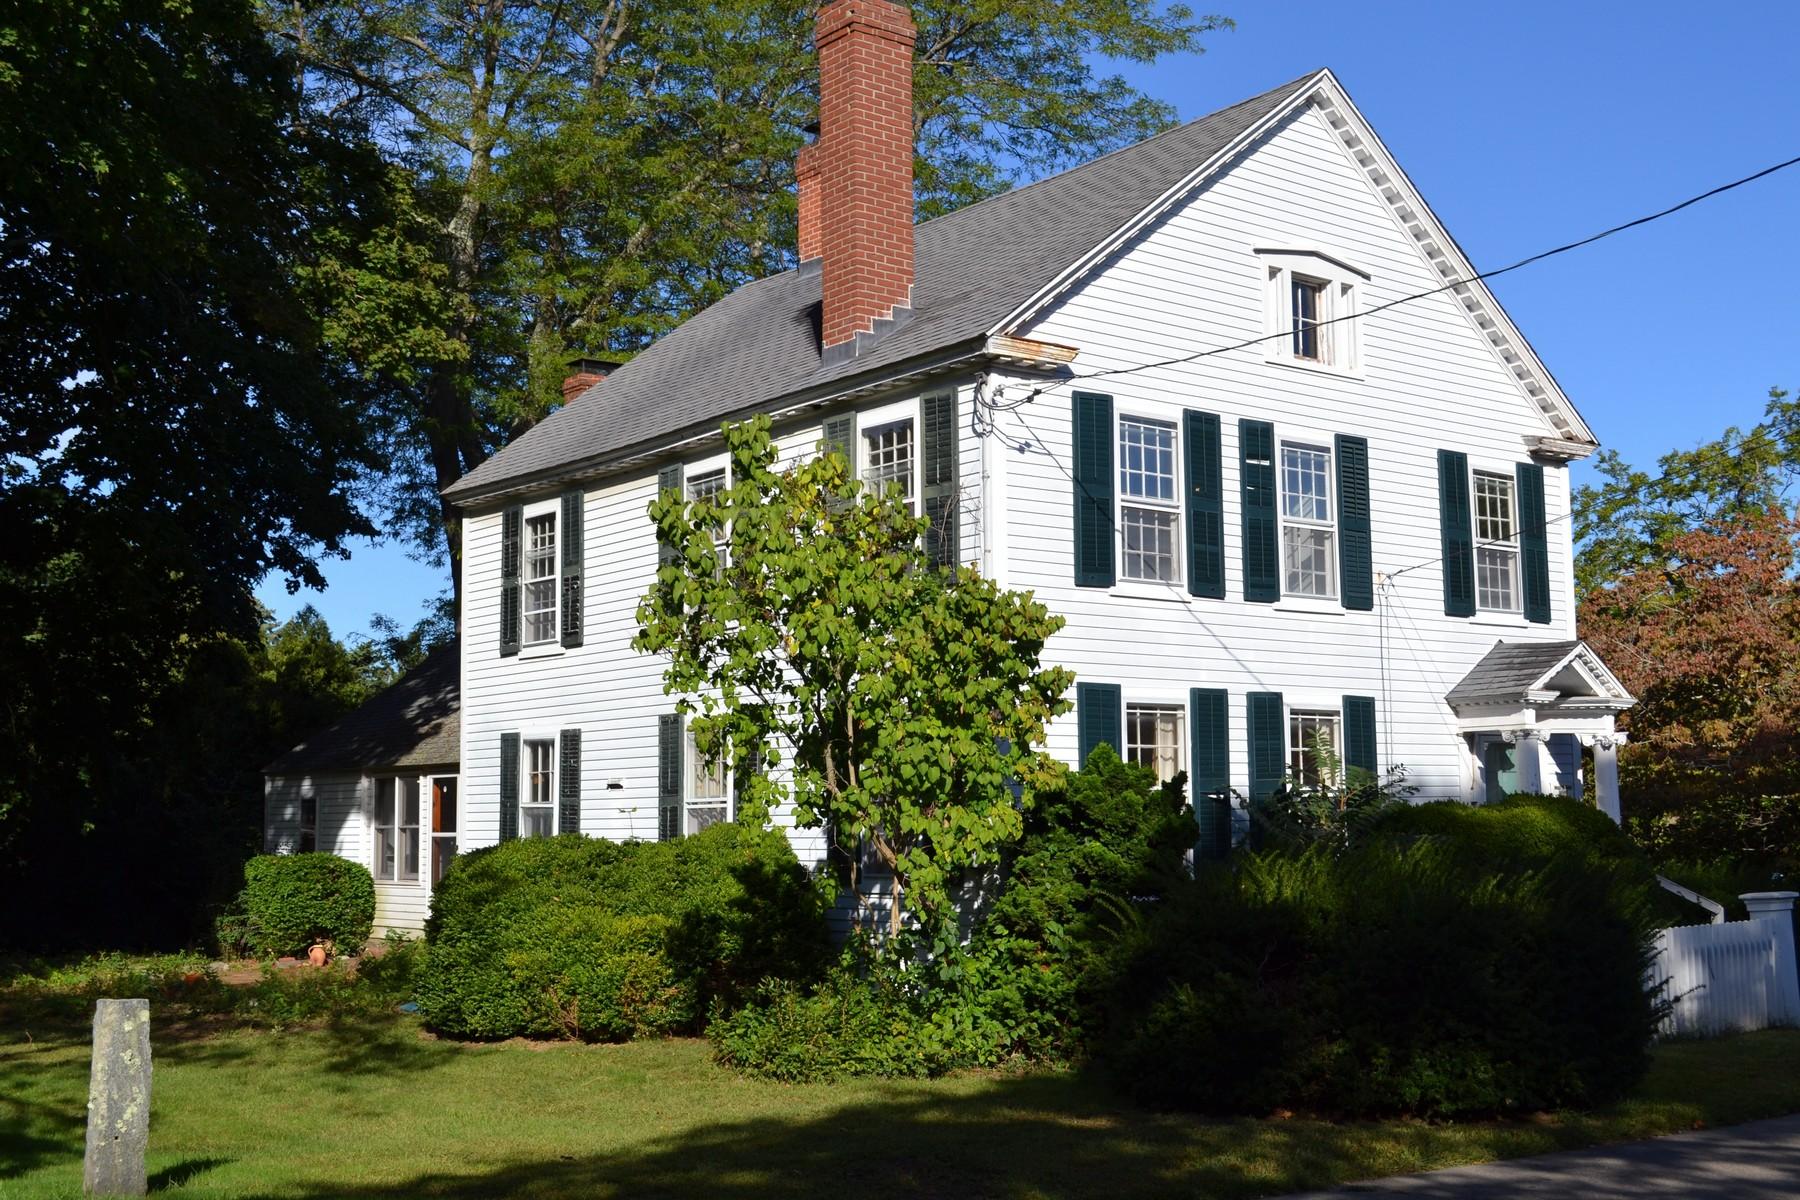 Einfamilienhaus für Verkauf beim Desirable North Cove Neighborhood 69 Cromwell Place Old Saybrook, Connecticut 06475 Vereinigte Staaten